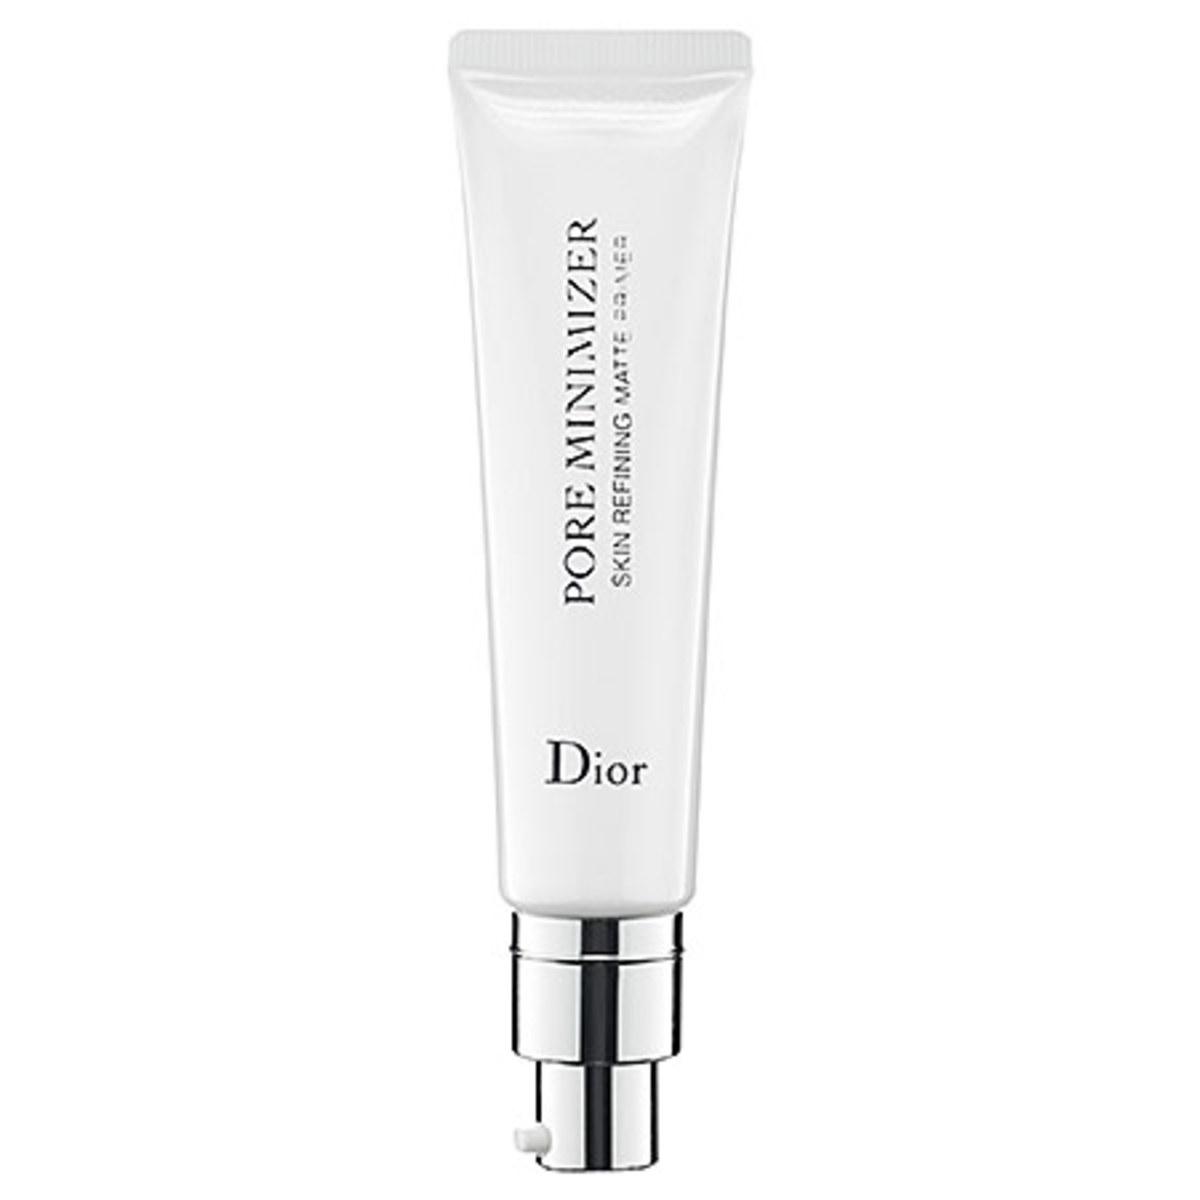 Dior Diorskin Pore Minimizer